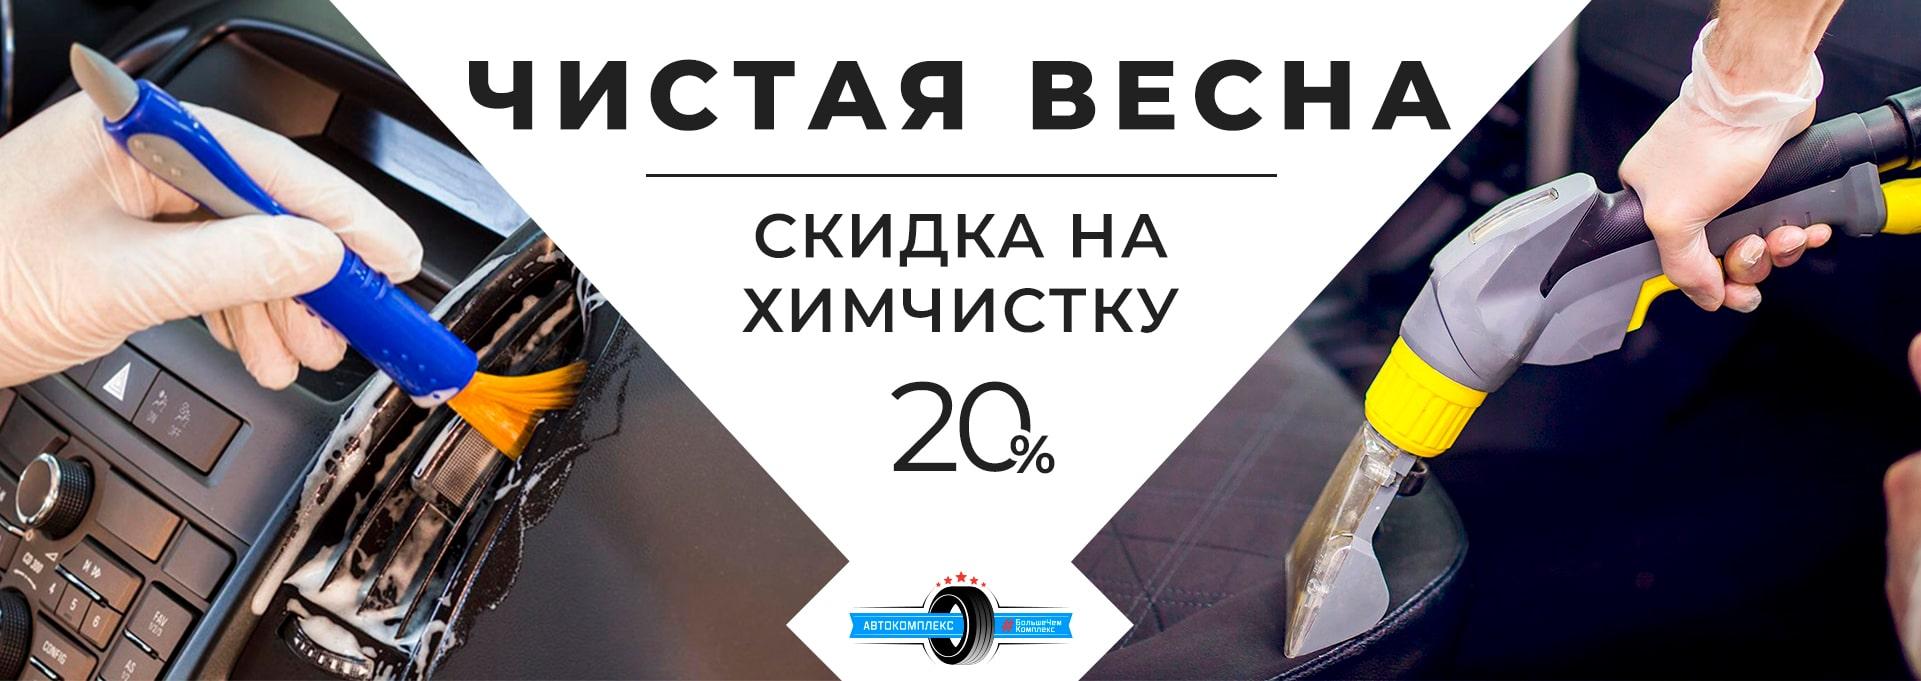 Скидки каждый день   Химчистка салона   Автокомплекс Кожухово Новокосино